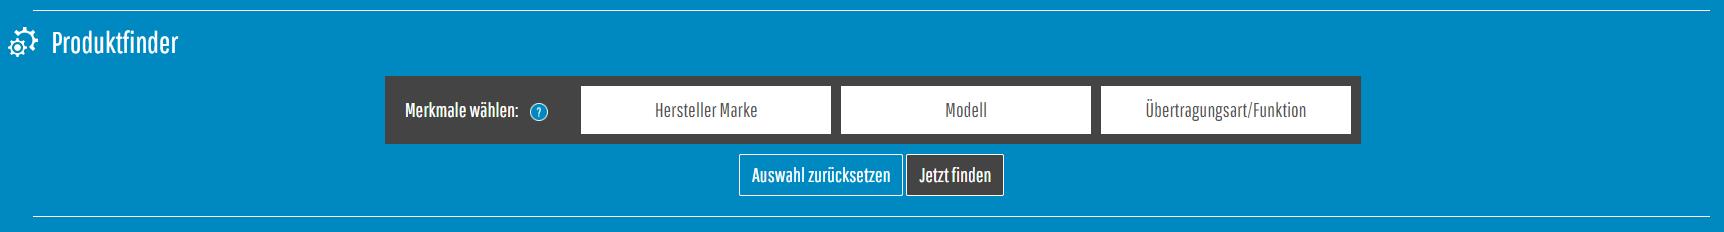 MusikimAuto-JTL-Shop-Produktfinder